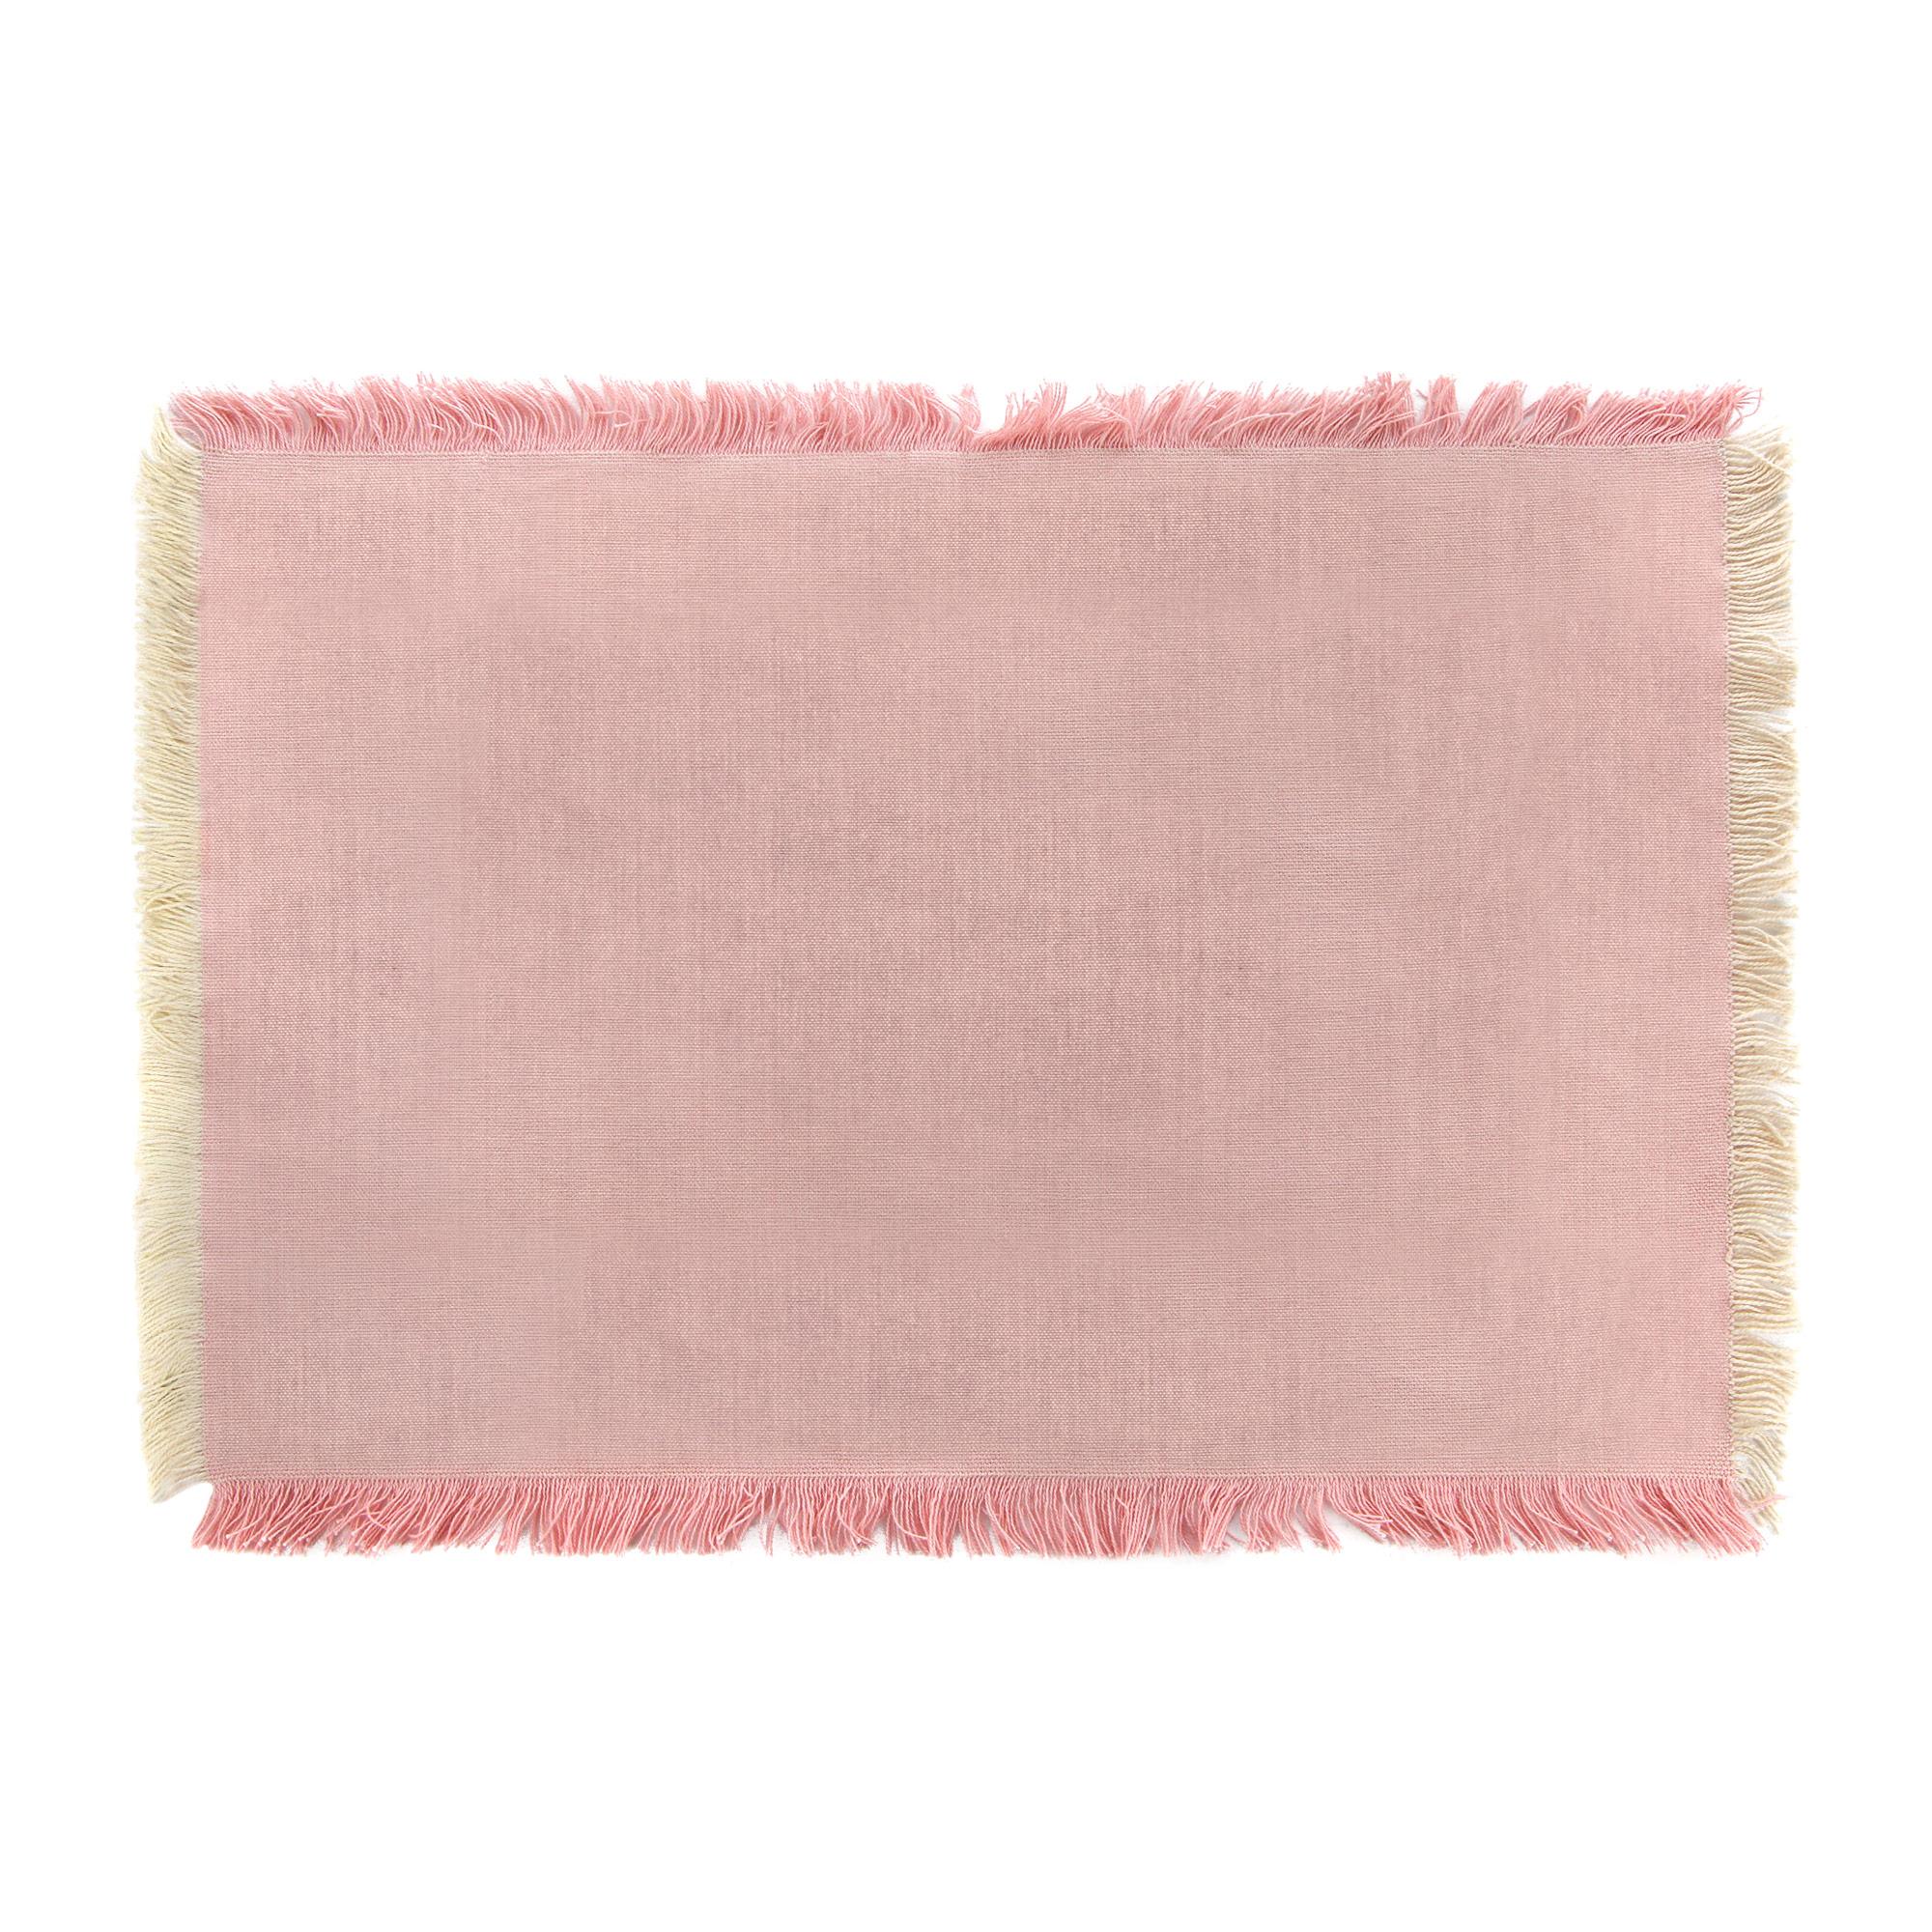 Салфетка сервировочная Villa deste frangia 33x48см розовая сервировочная салфетка 33х45 2 шт morocco style